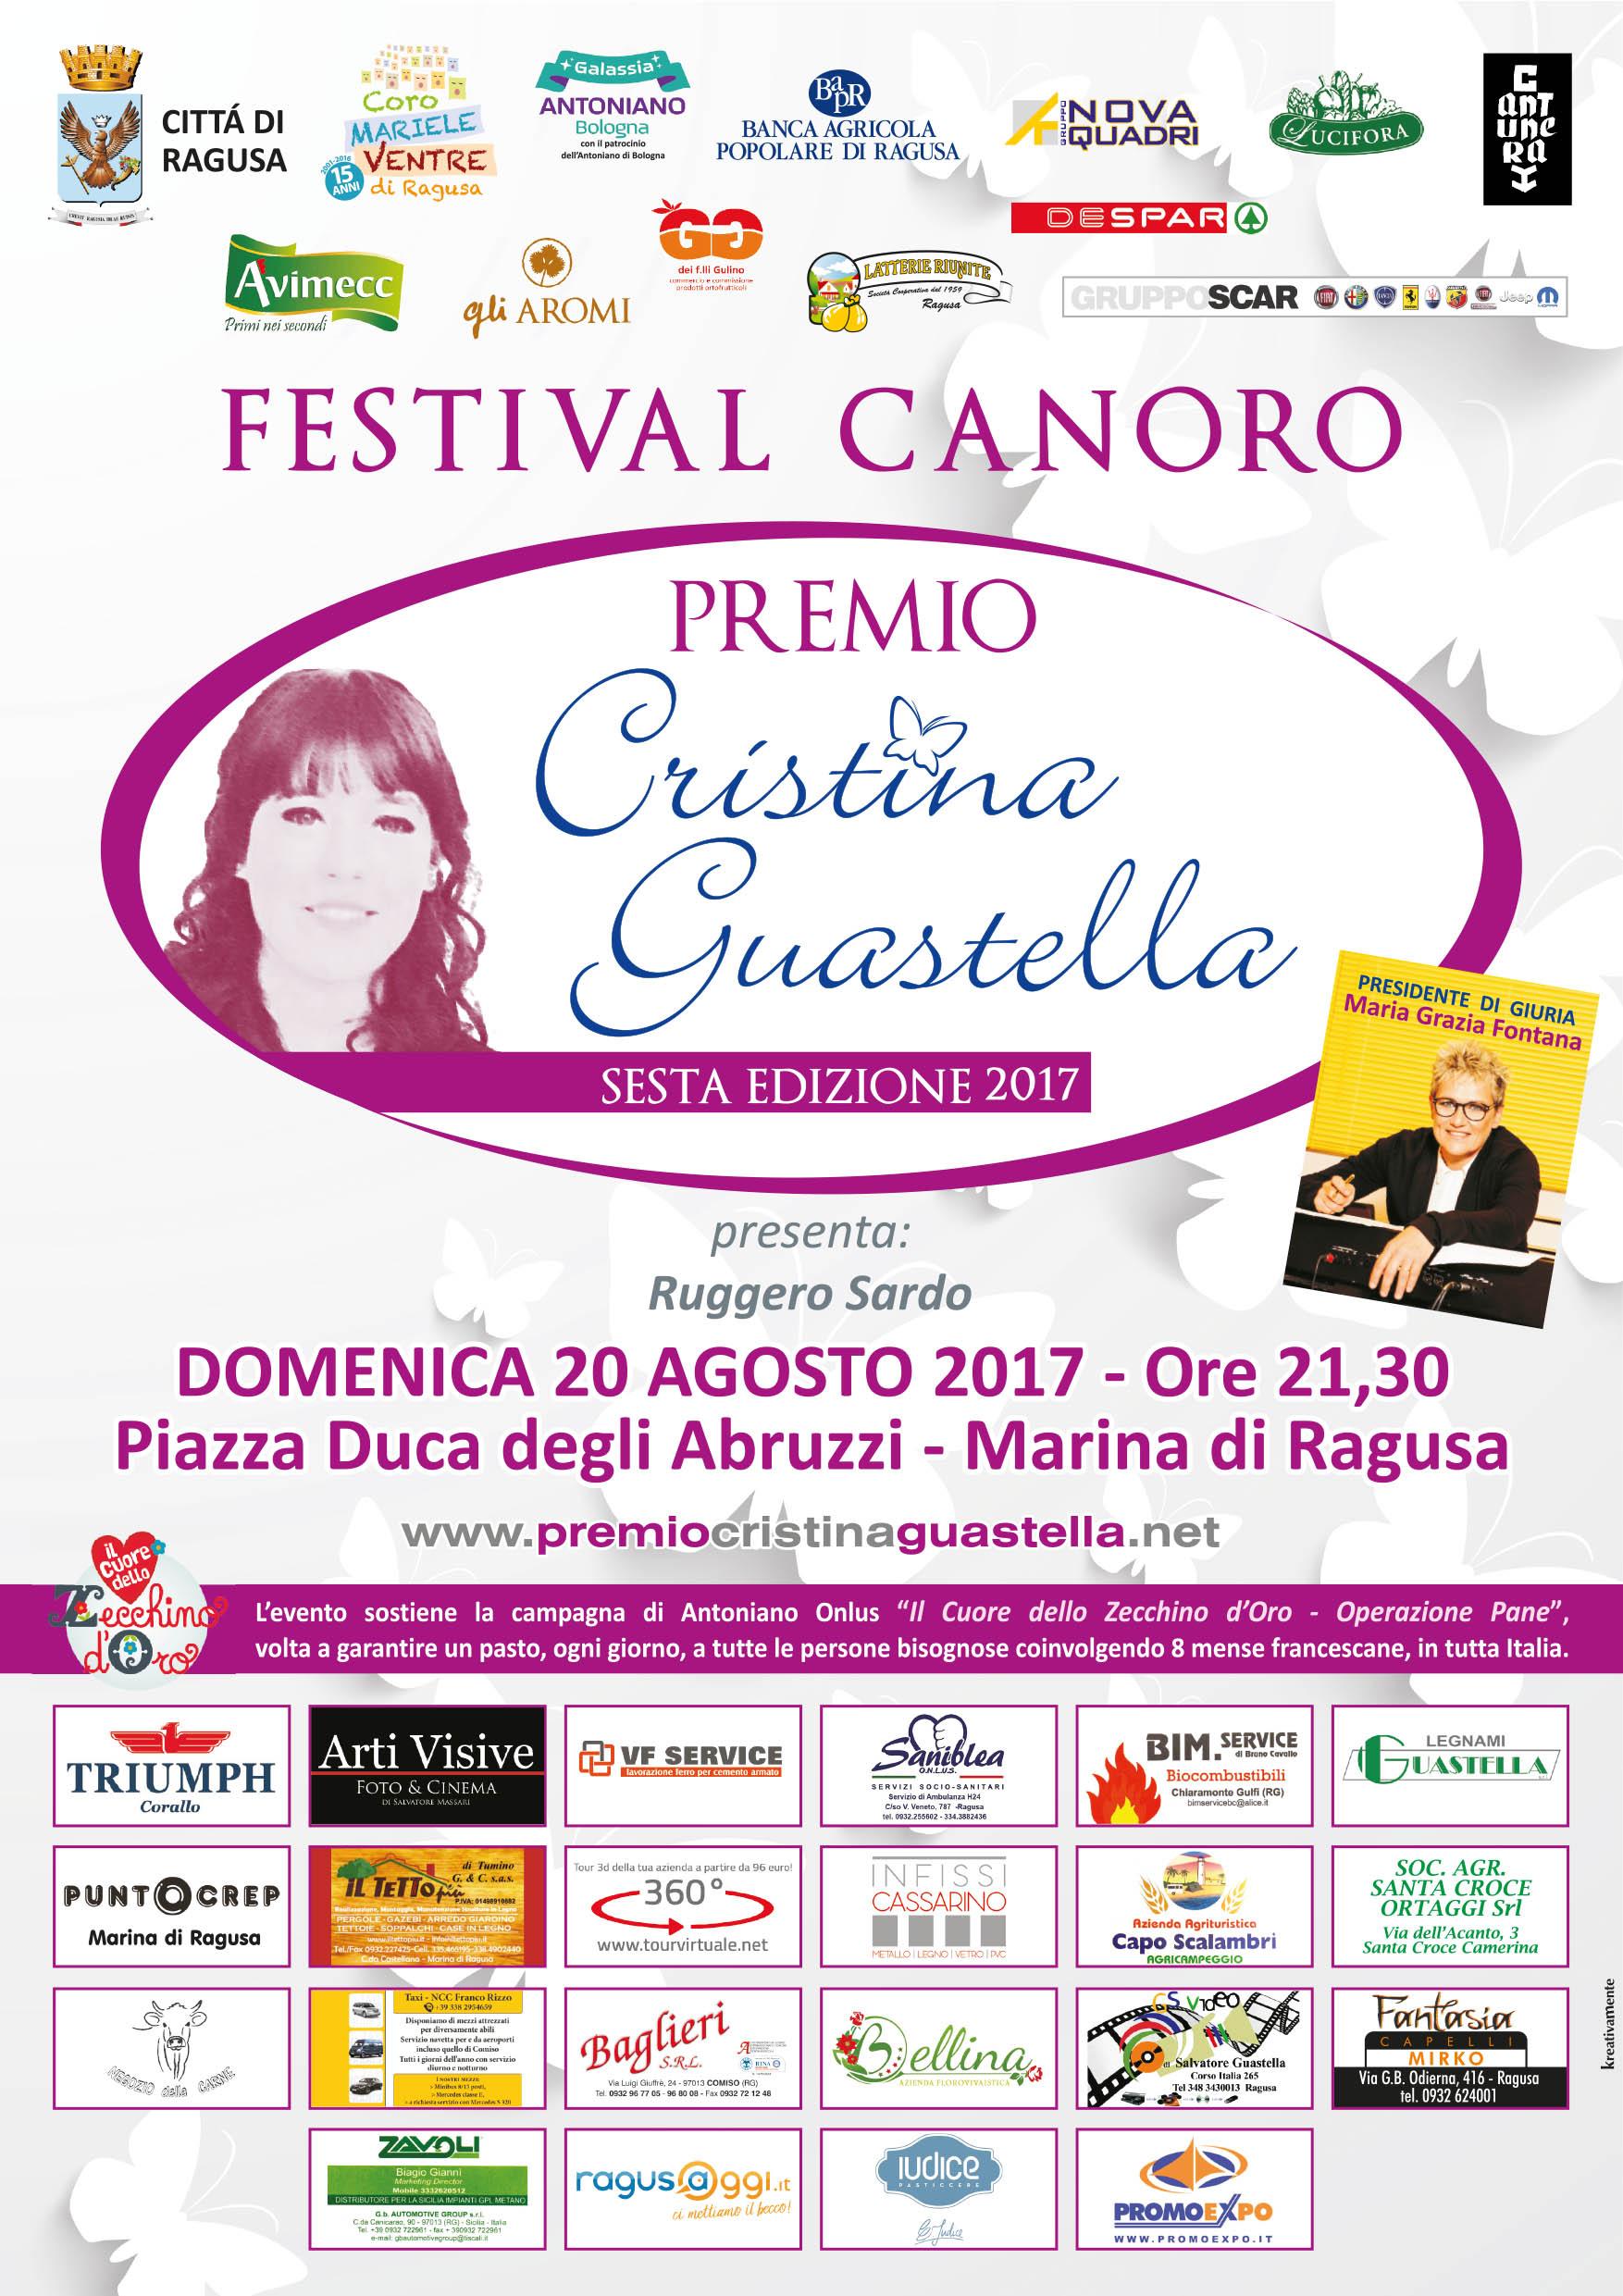 Domenica 20 Agosto Il Festival Canoro Premio Cristina Guastella A